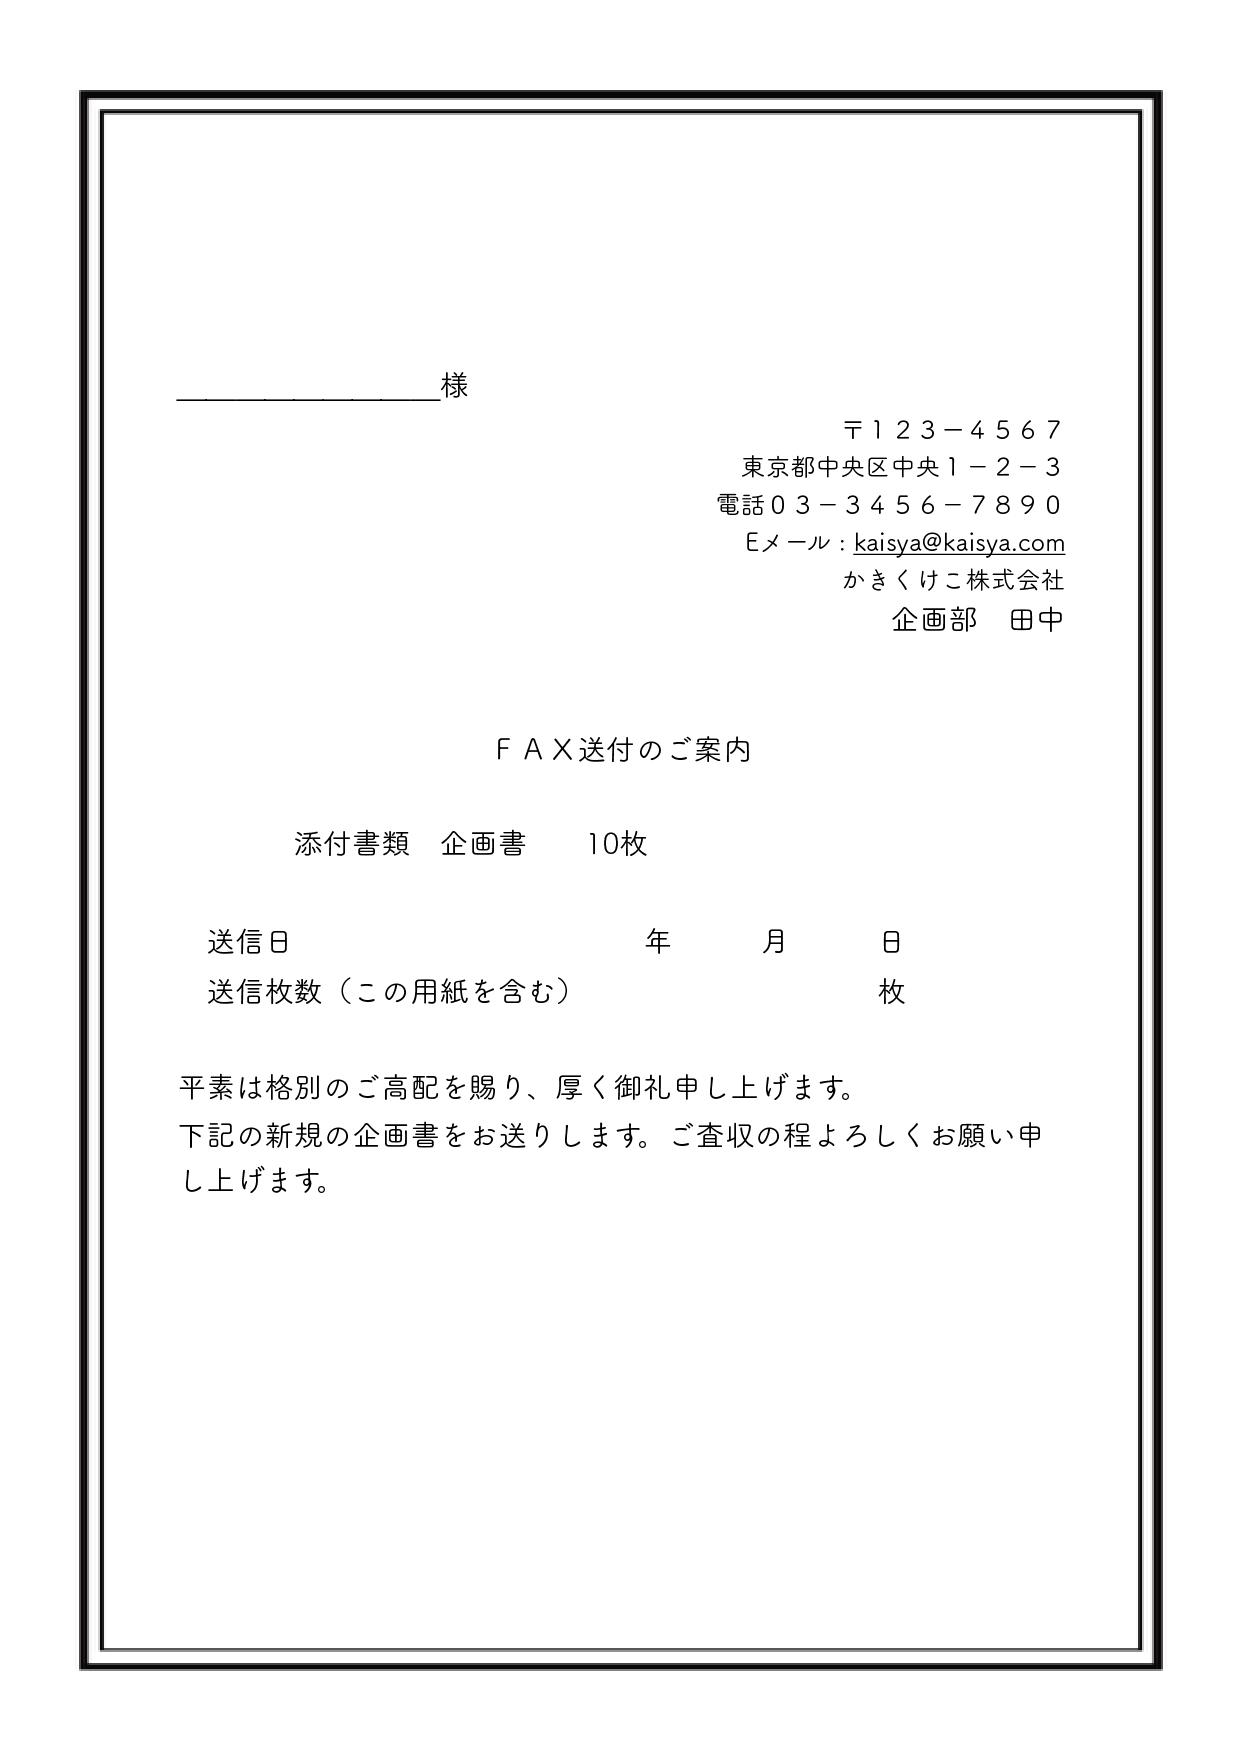 FAX送付状(FAX送付案内)のテンプレート・シンプルな枠付き(ワード、ページズ)